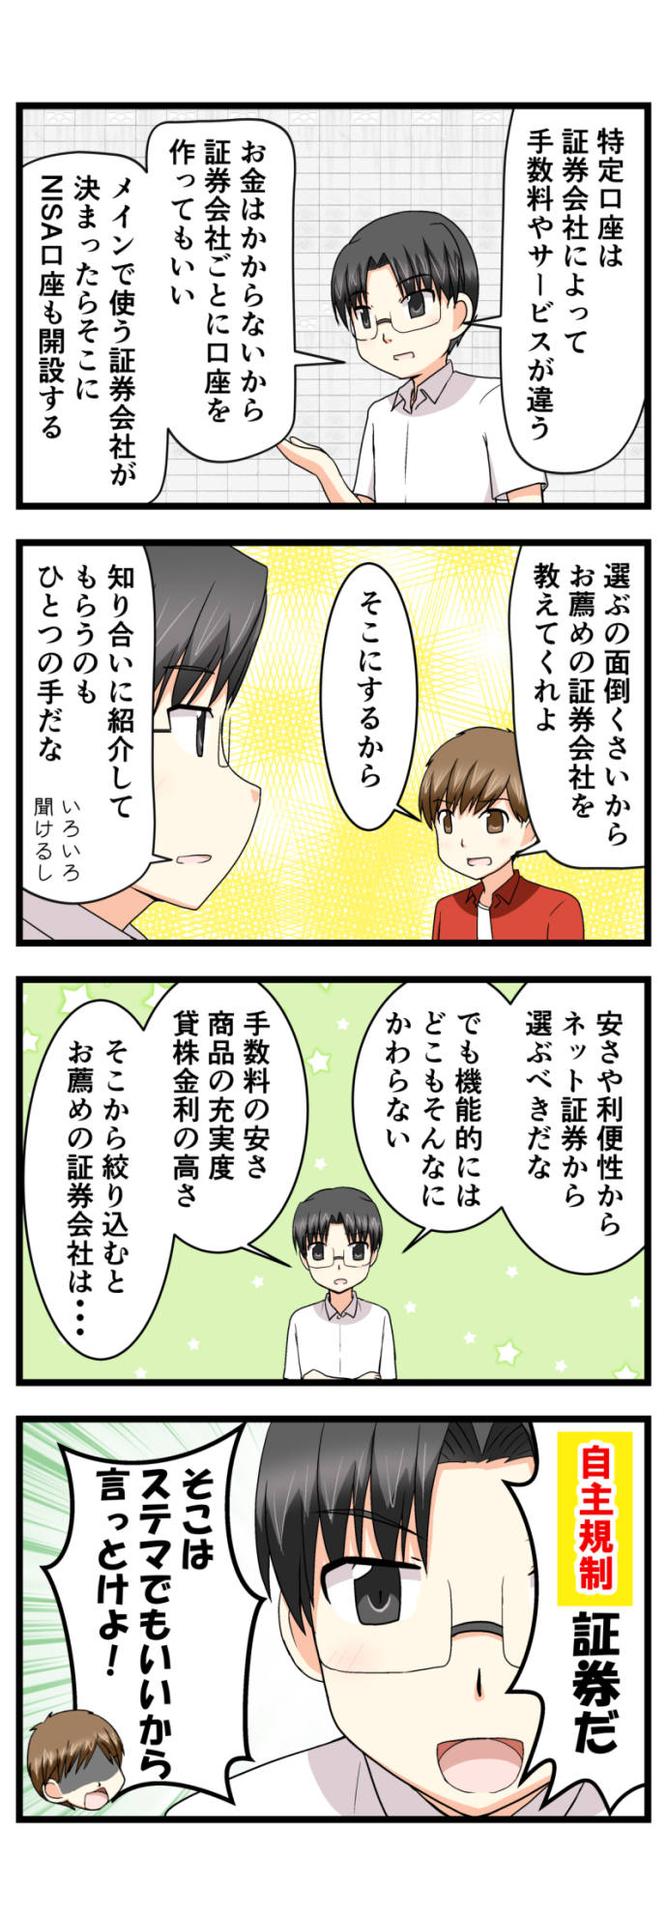 萌える株セミナー23c.jpg